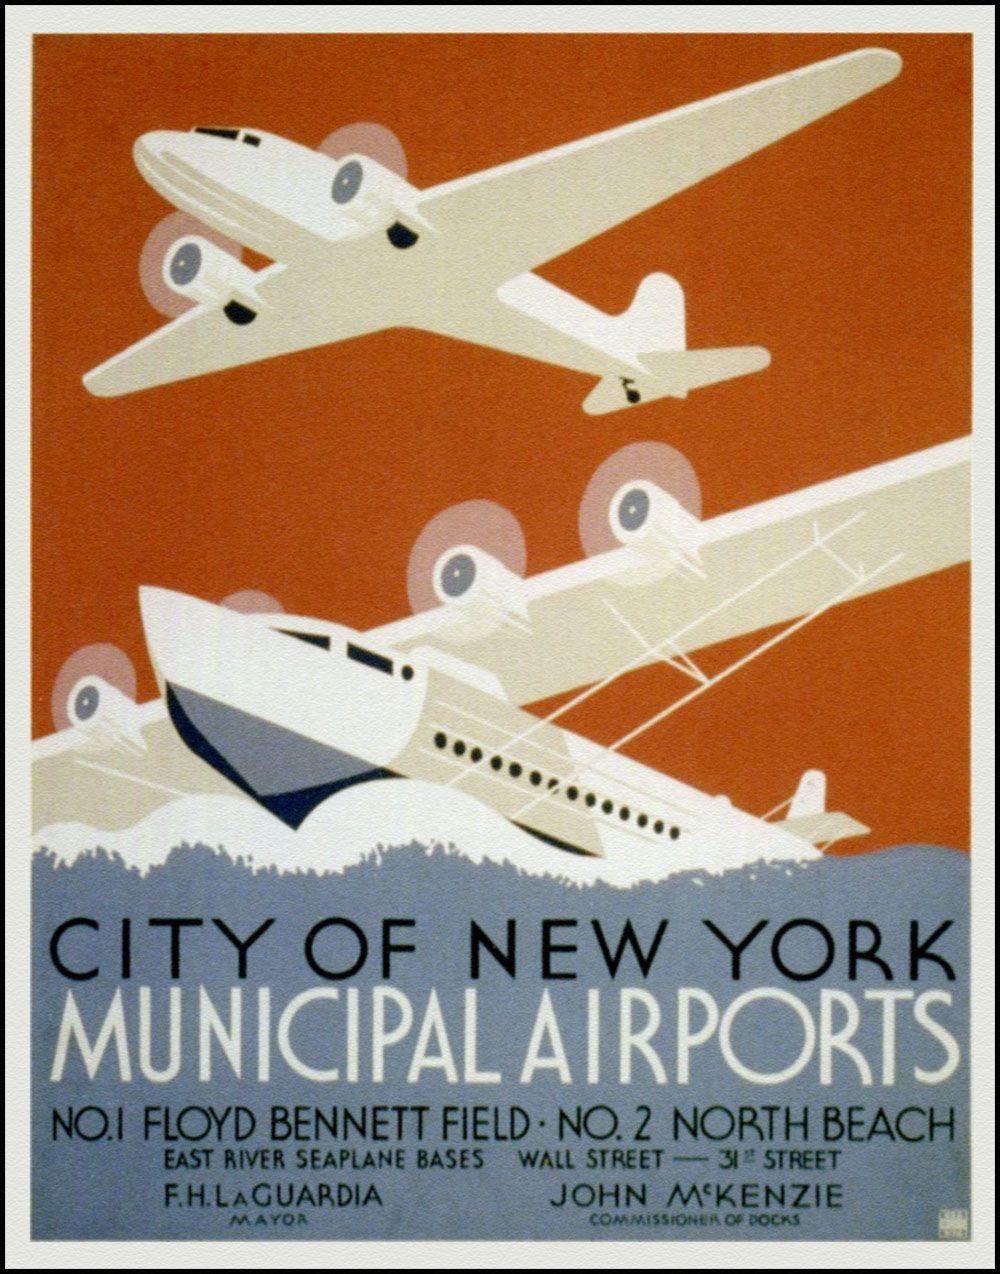 25 Art Deco Design for Inspiration | Pinterest | Art deco, Travel ...